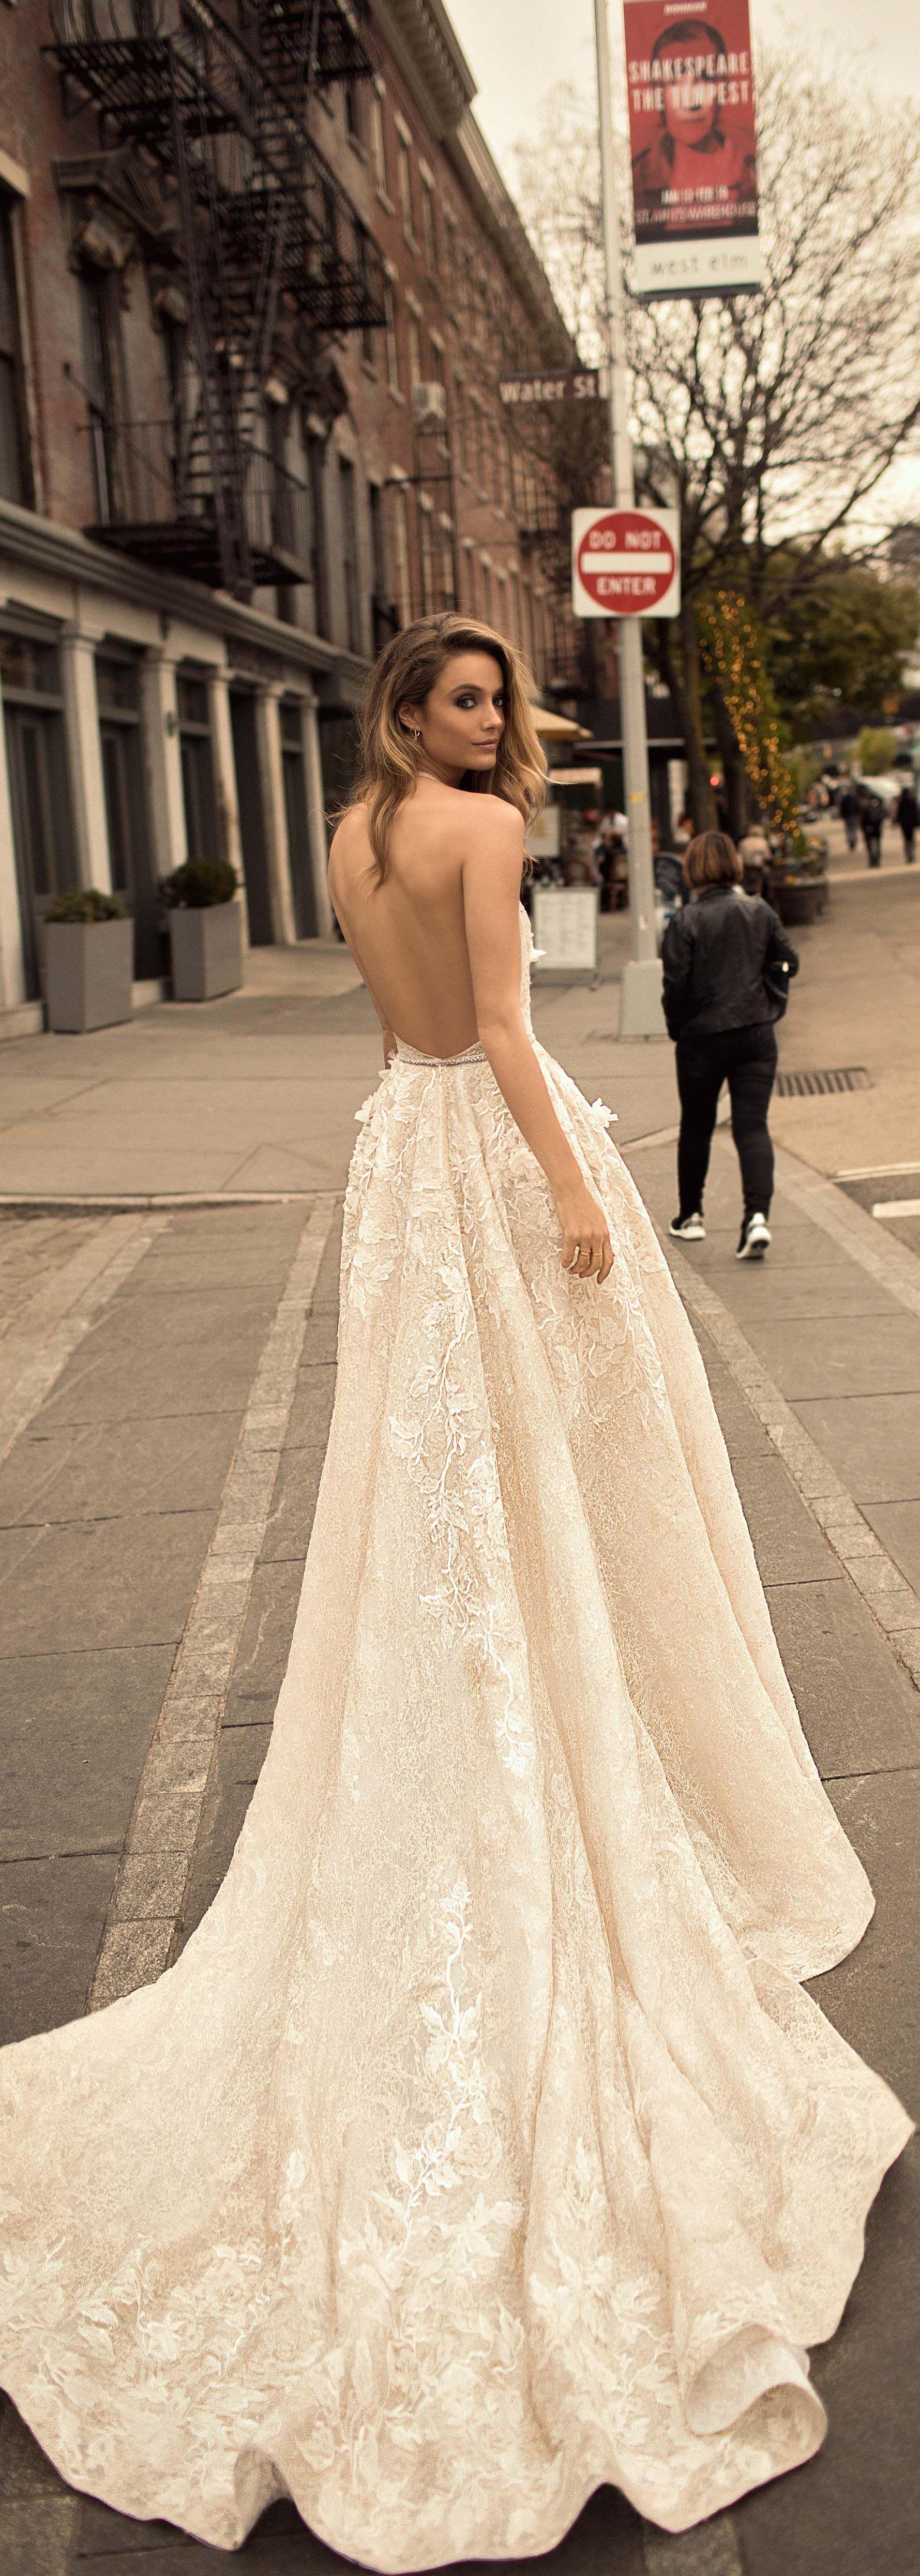 Berta style uc weddings pinterest berta bridal